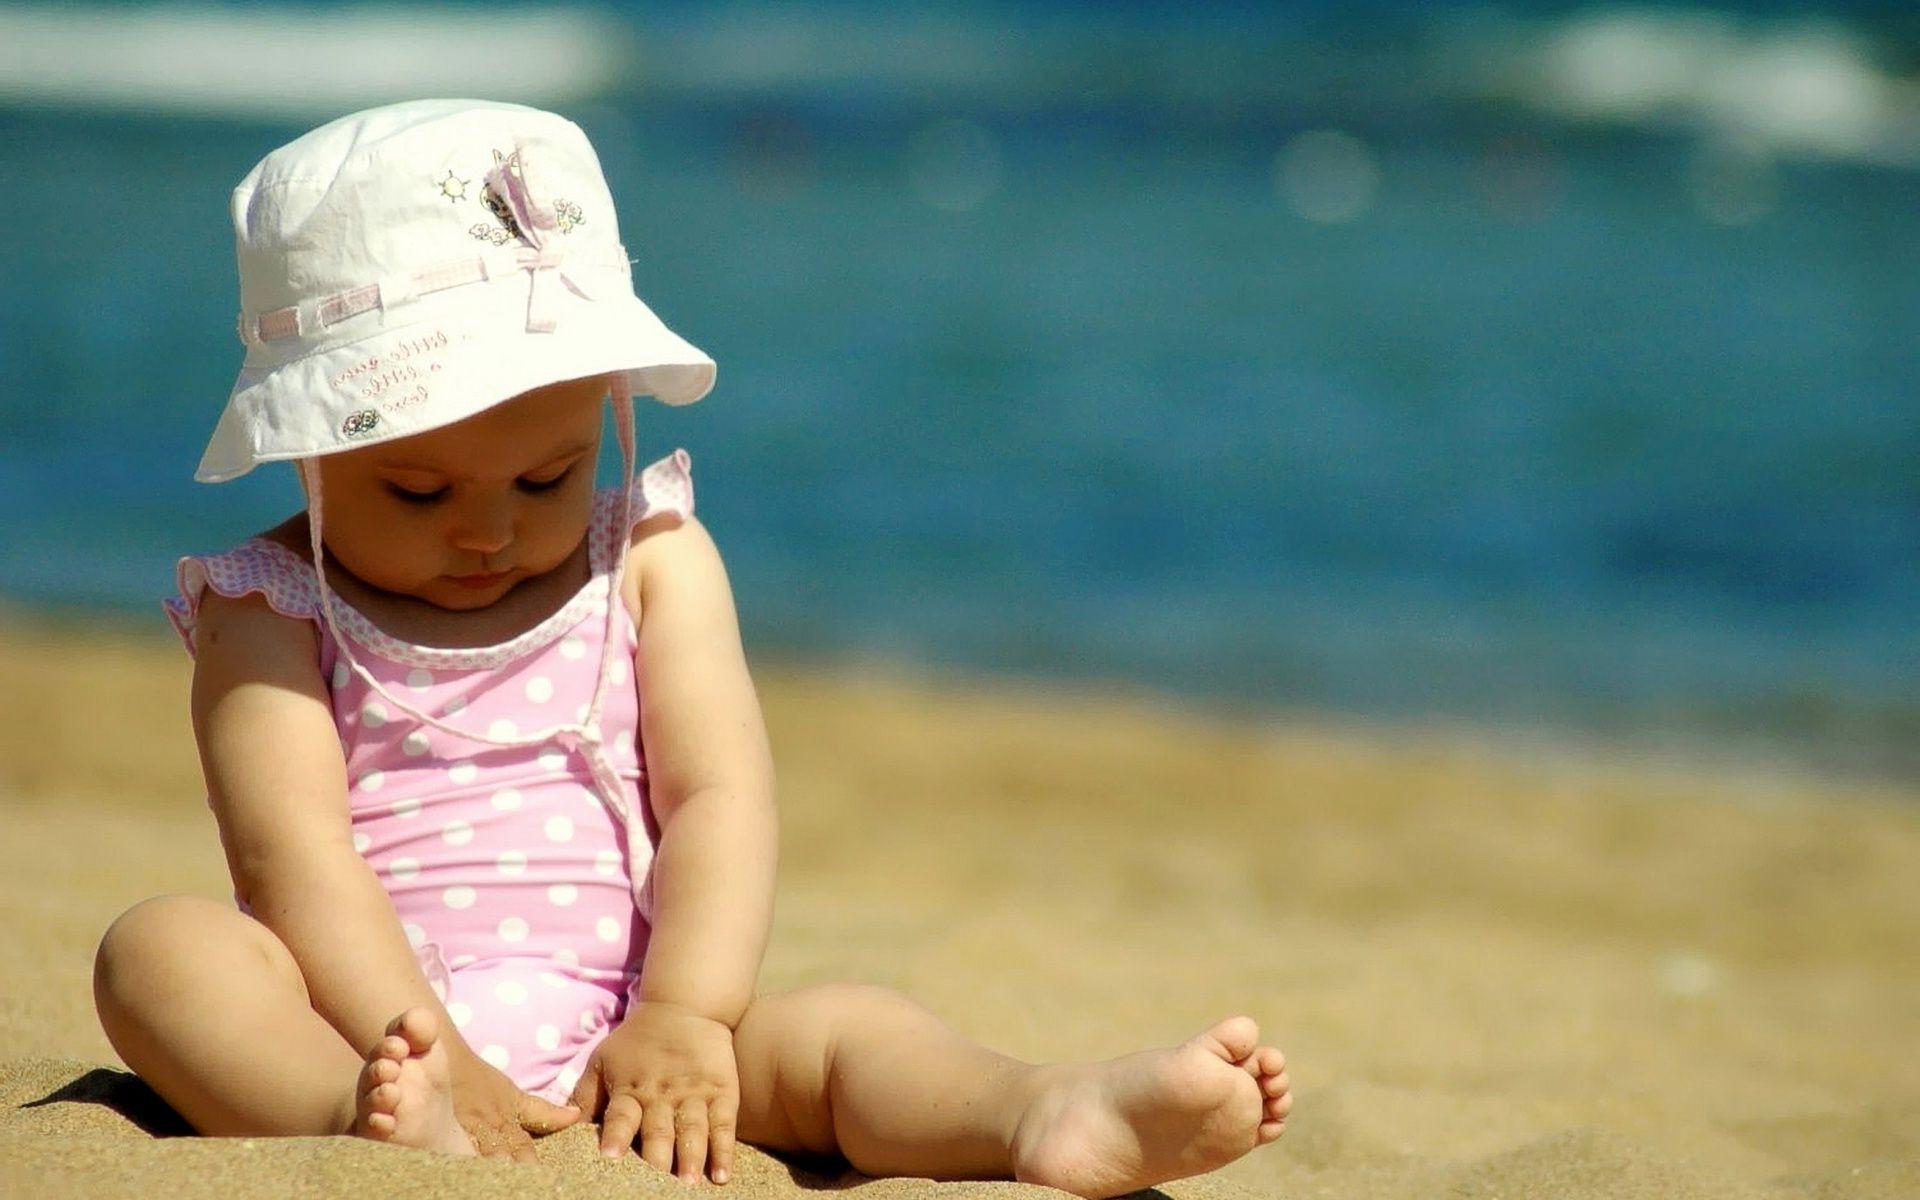 Малыш в кокосе  № 1800043 без смс